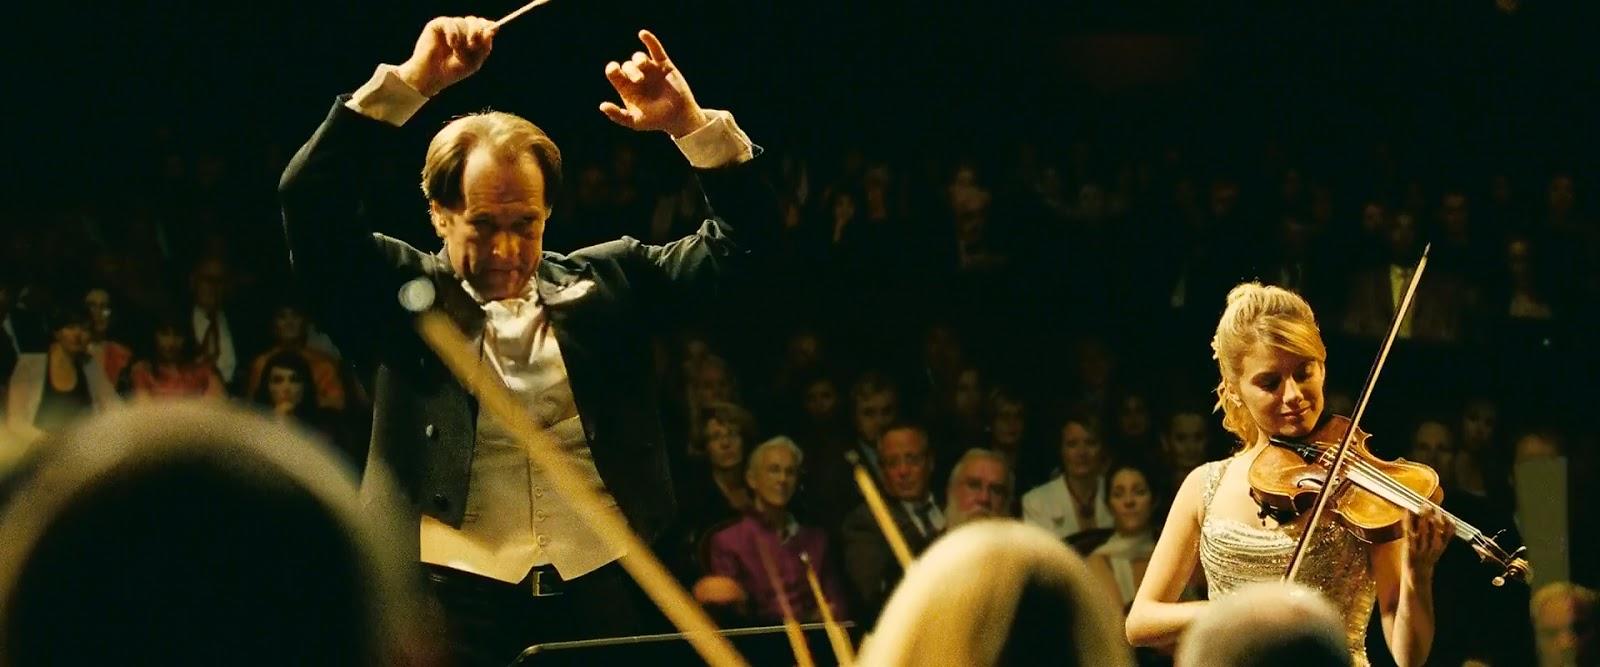 Le concert (2009) BrRip 1080p VOSE